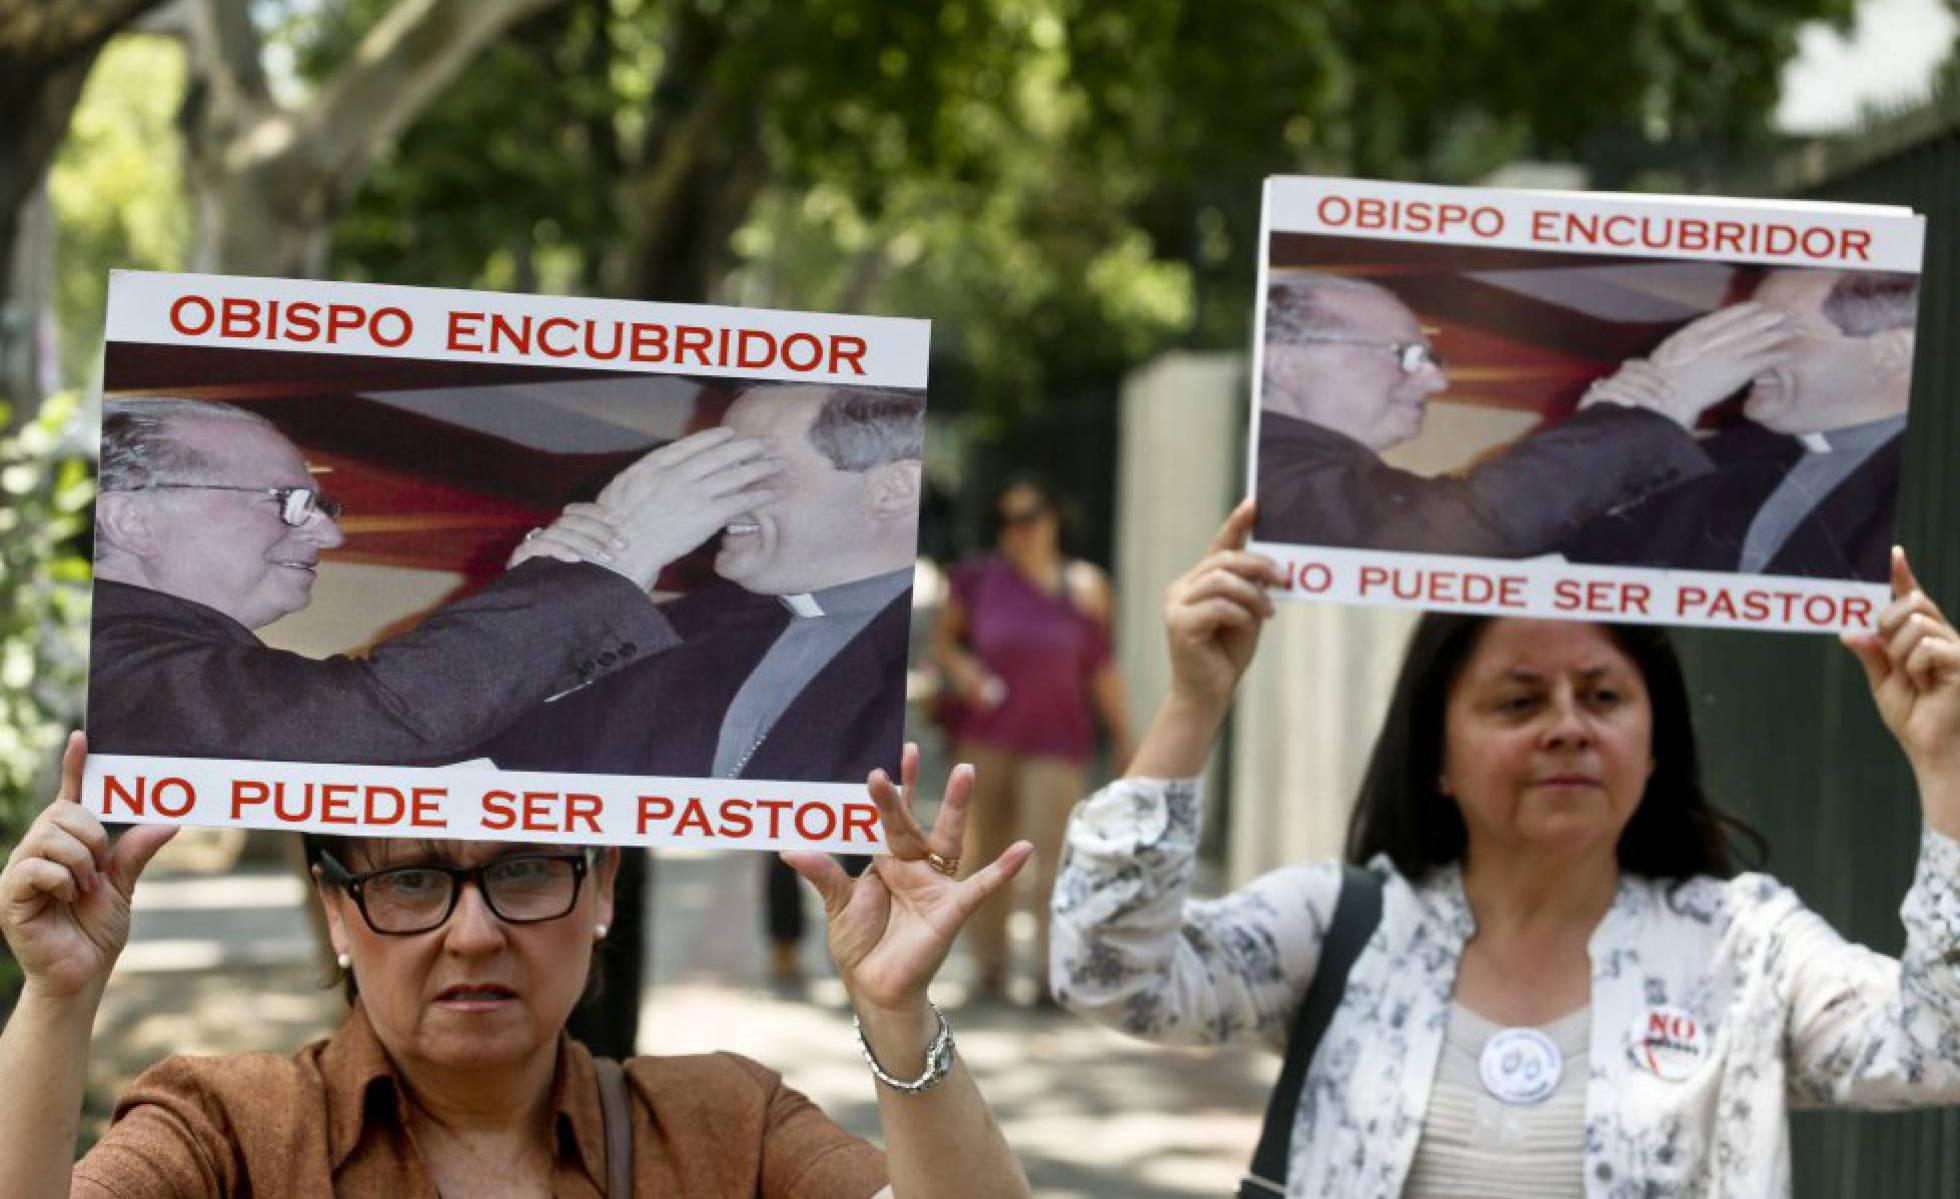 Los escándalos de abusos sexuales vacían de fieles la Iglesia chilena